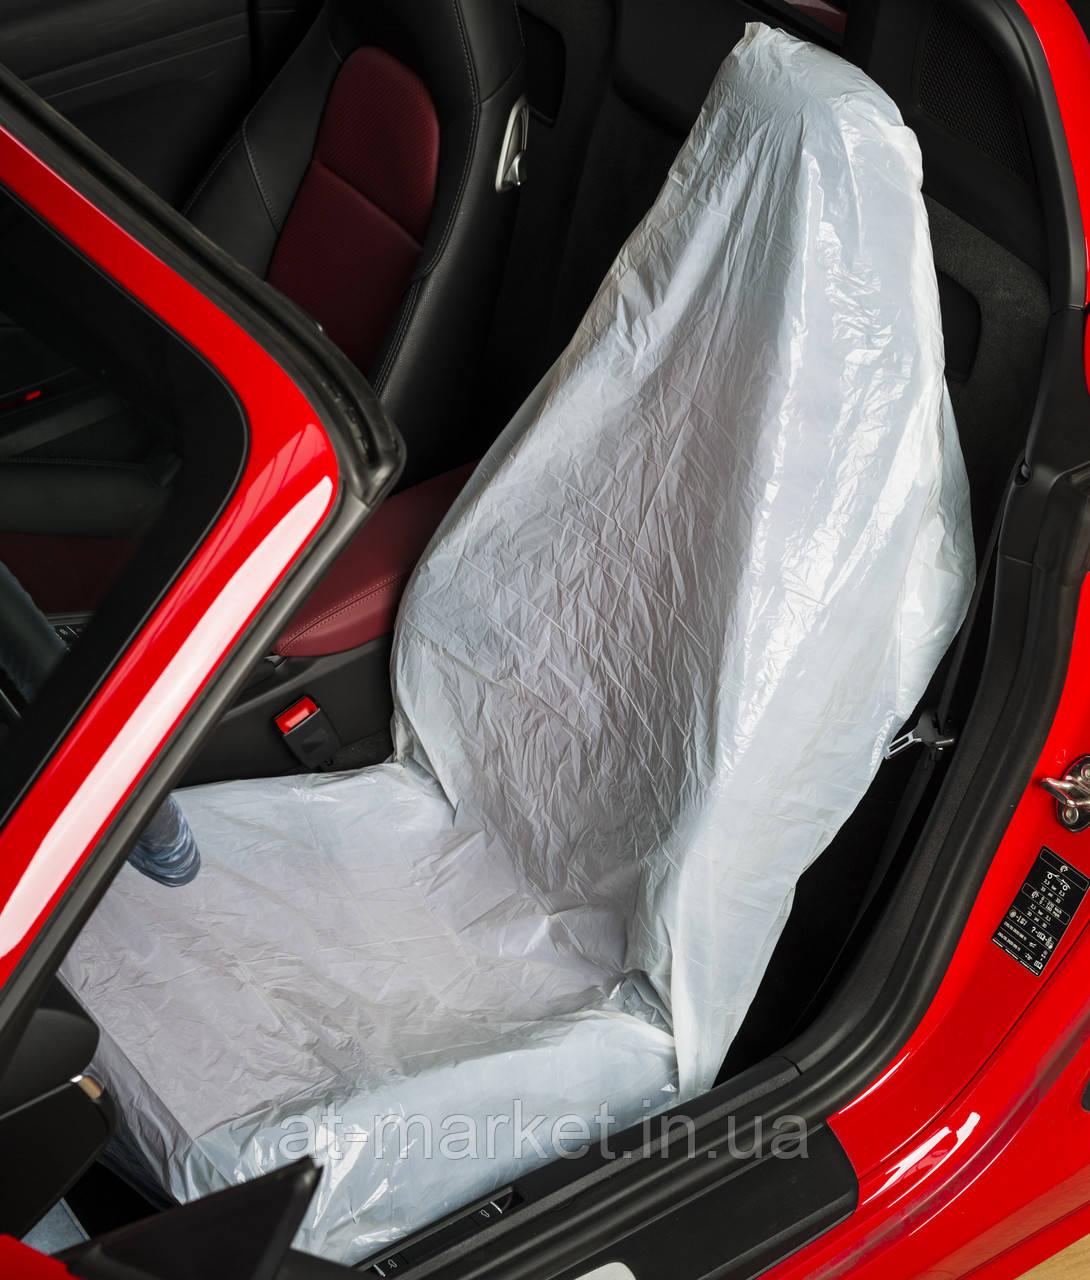 Защитные чехлы на сиденья SERWO ECONOMIC 250 шт.